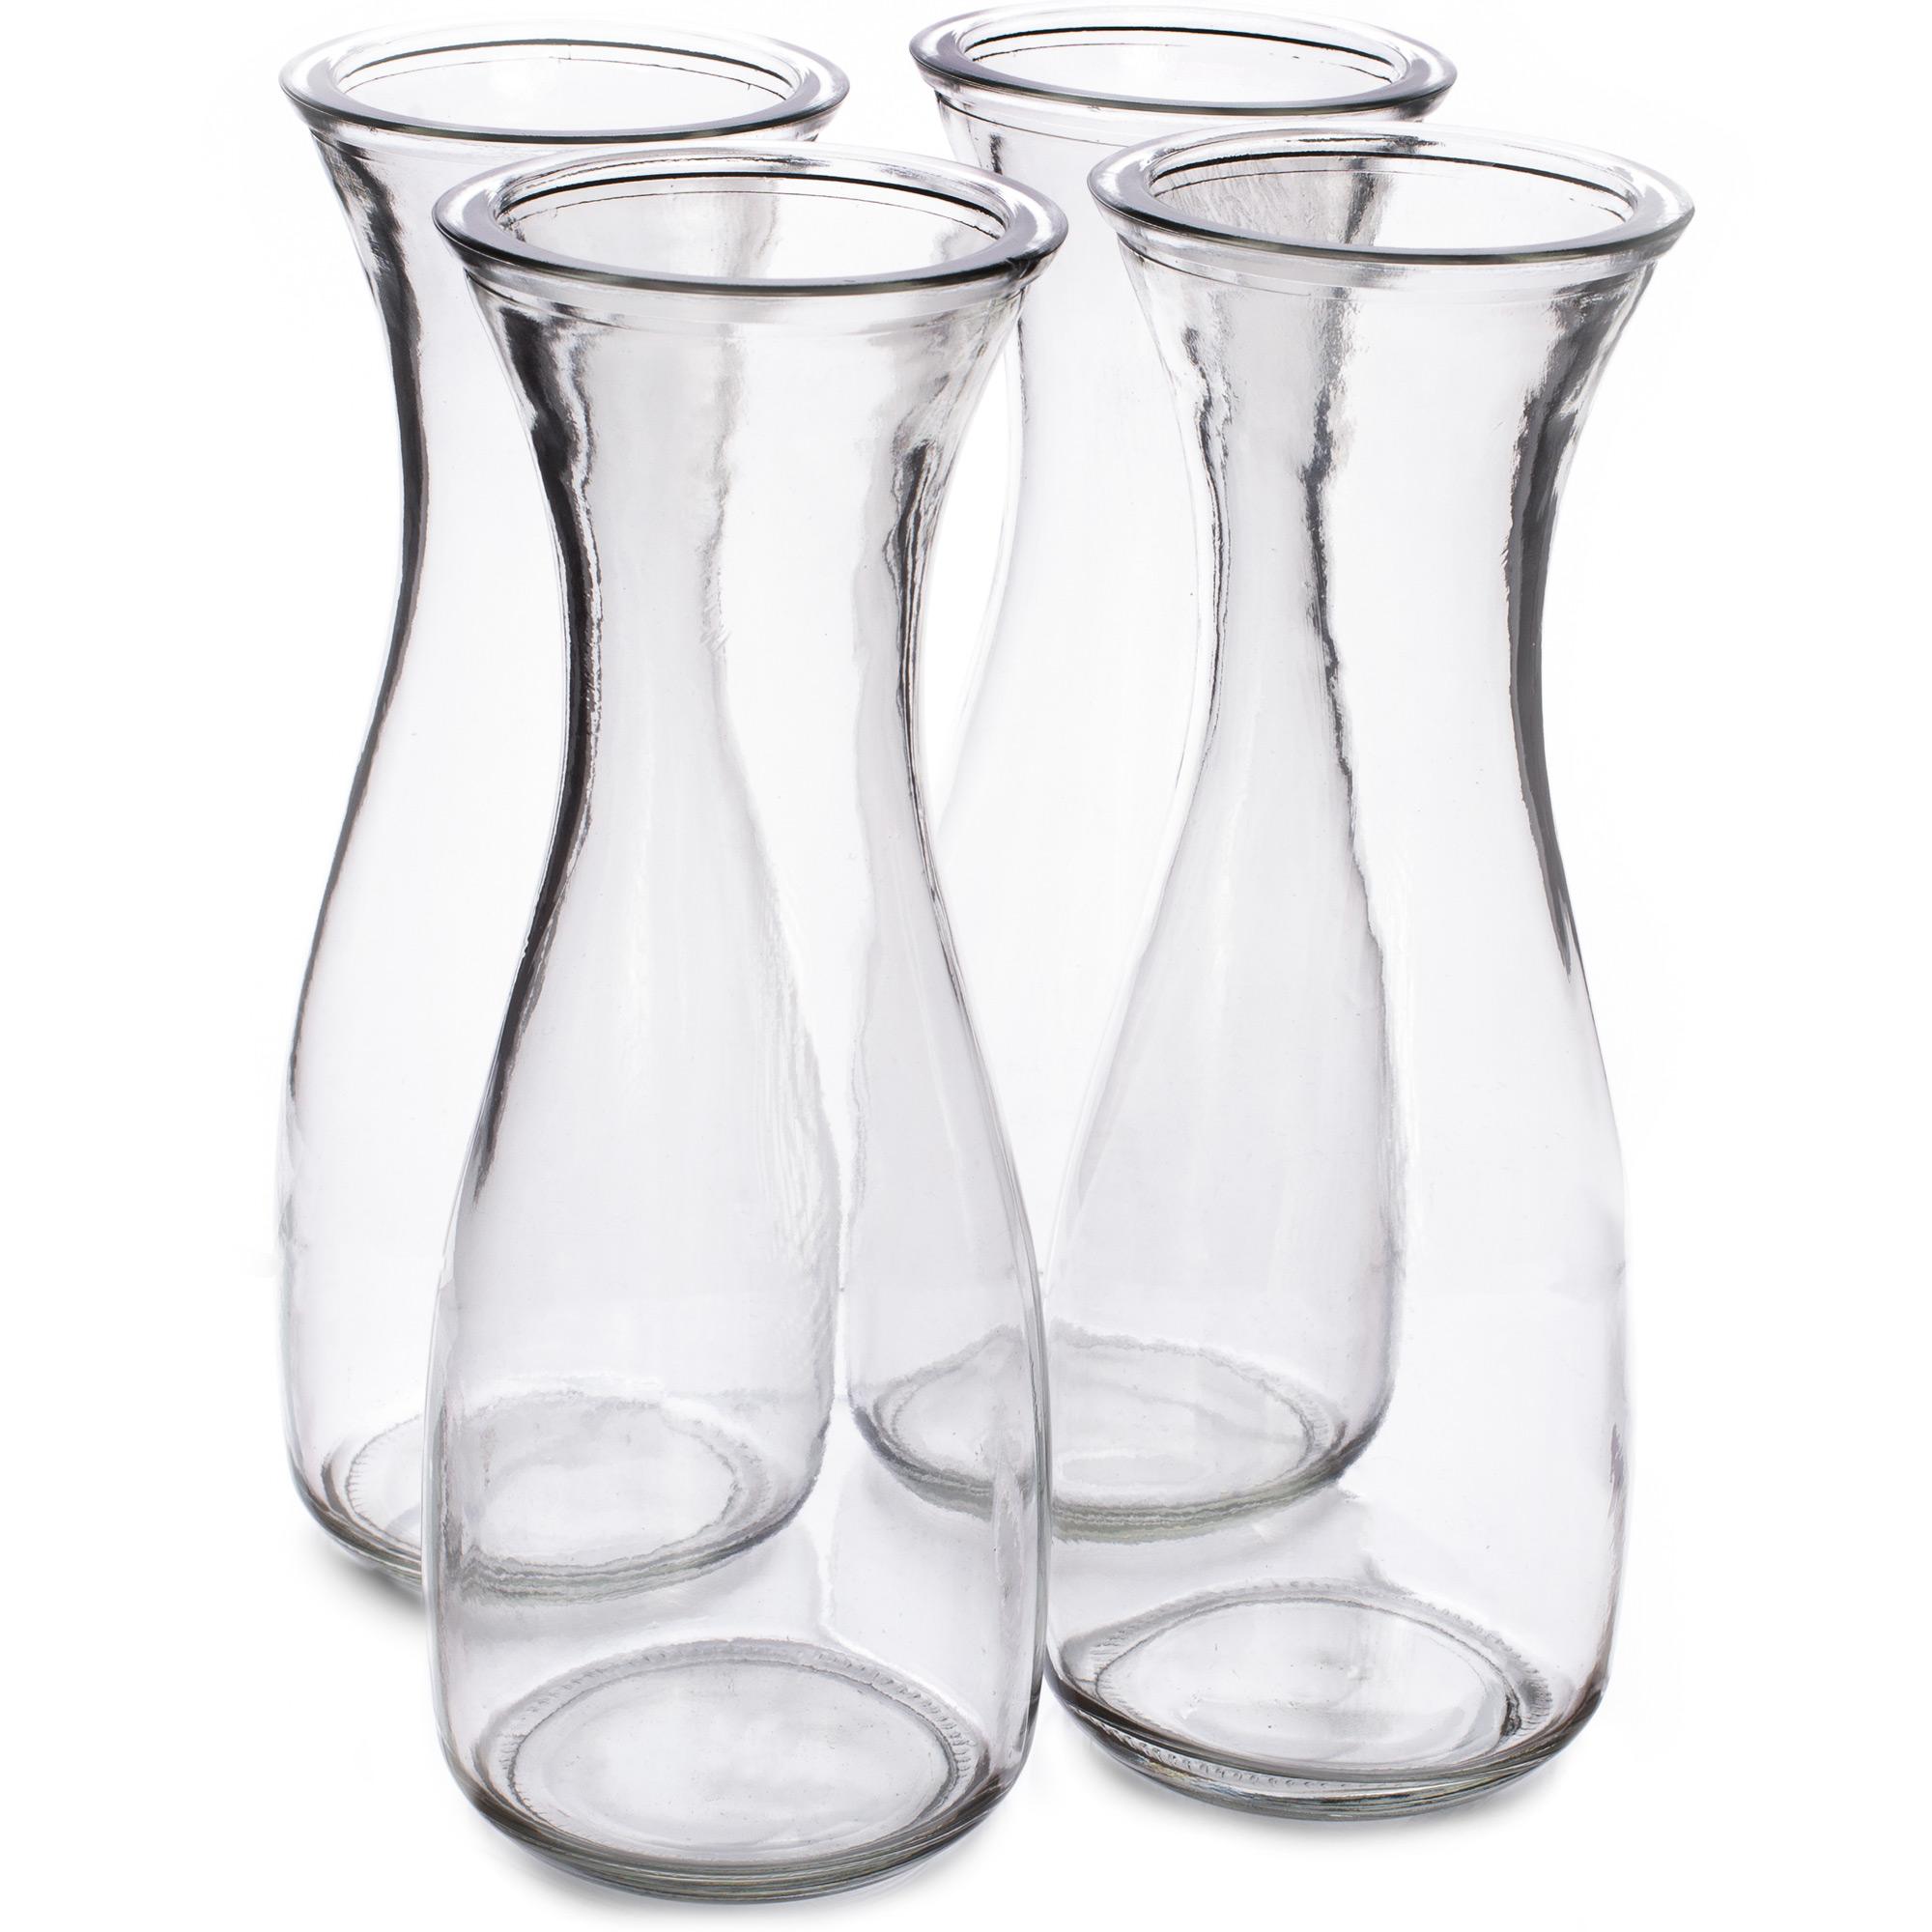 34 oz. (1 Liter) Glass Beverage Carafe, 4-pack